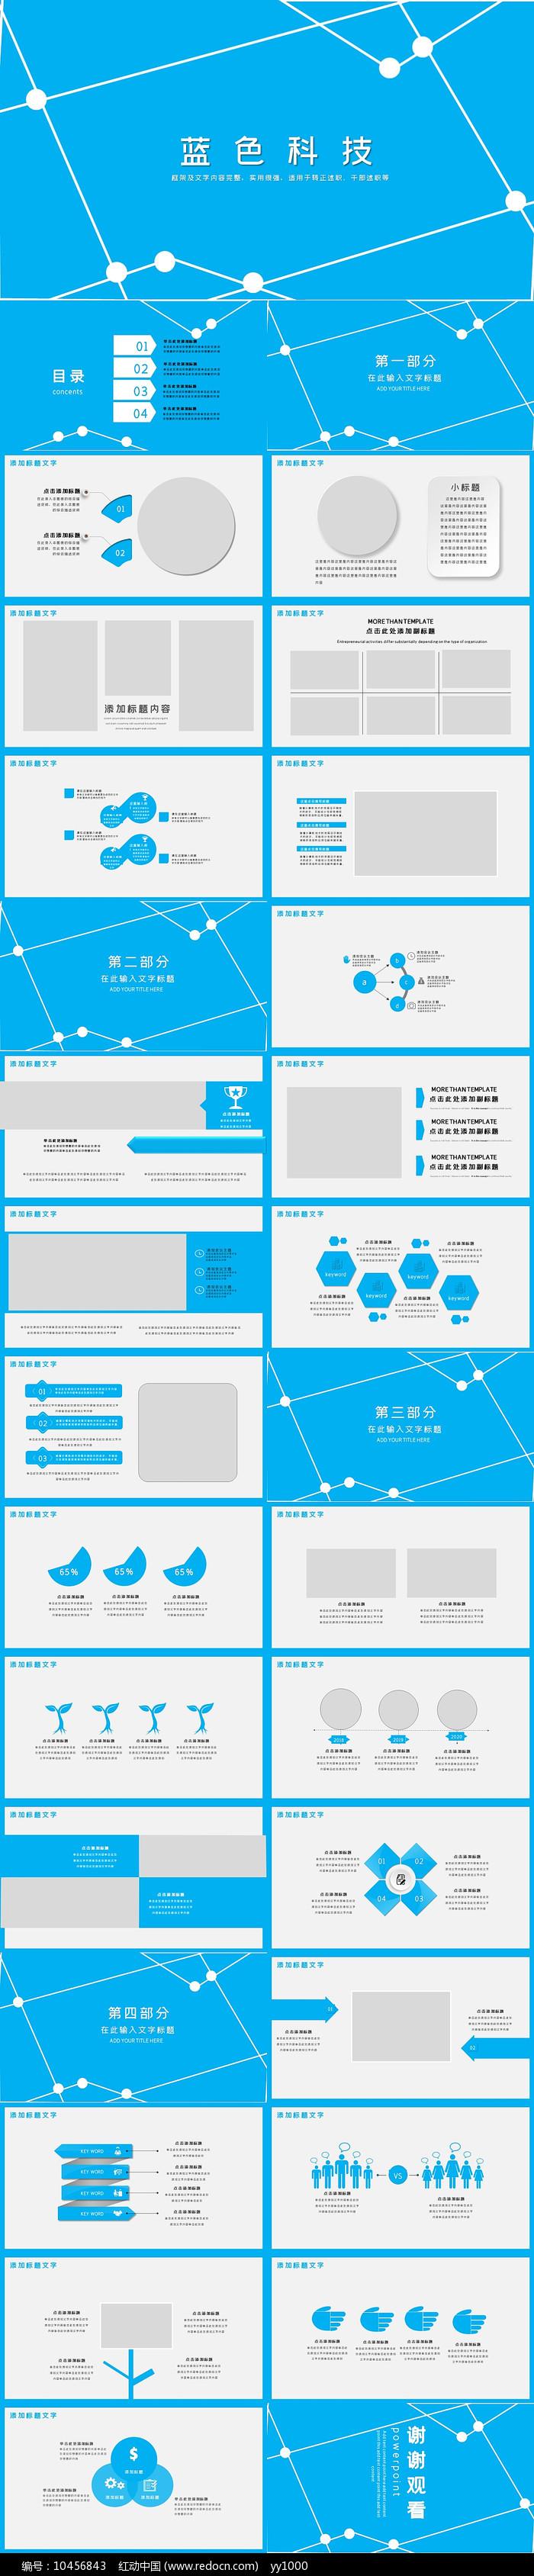 网络电商蓝色科技PPT模板图片